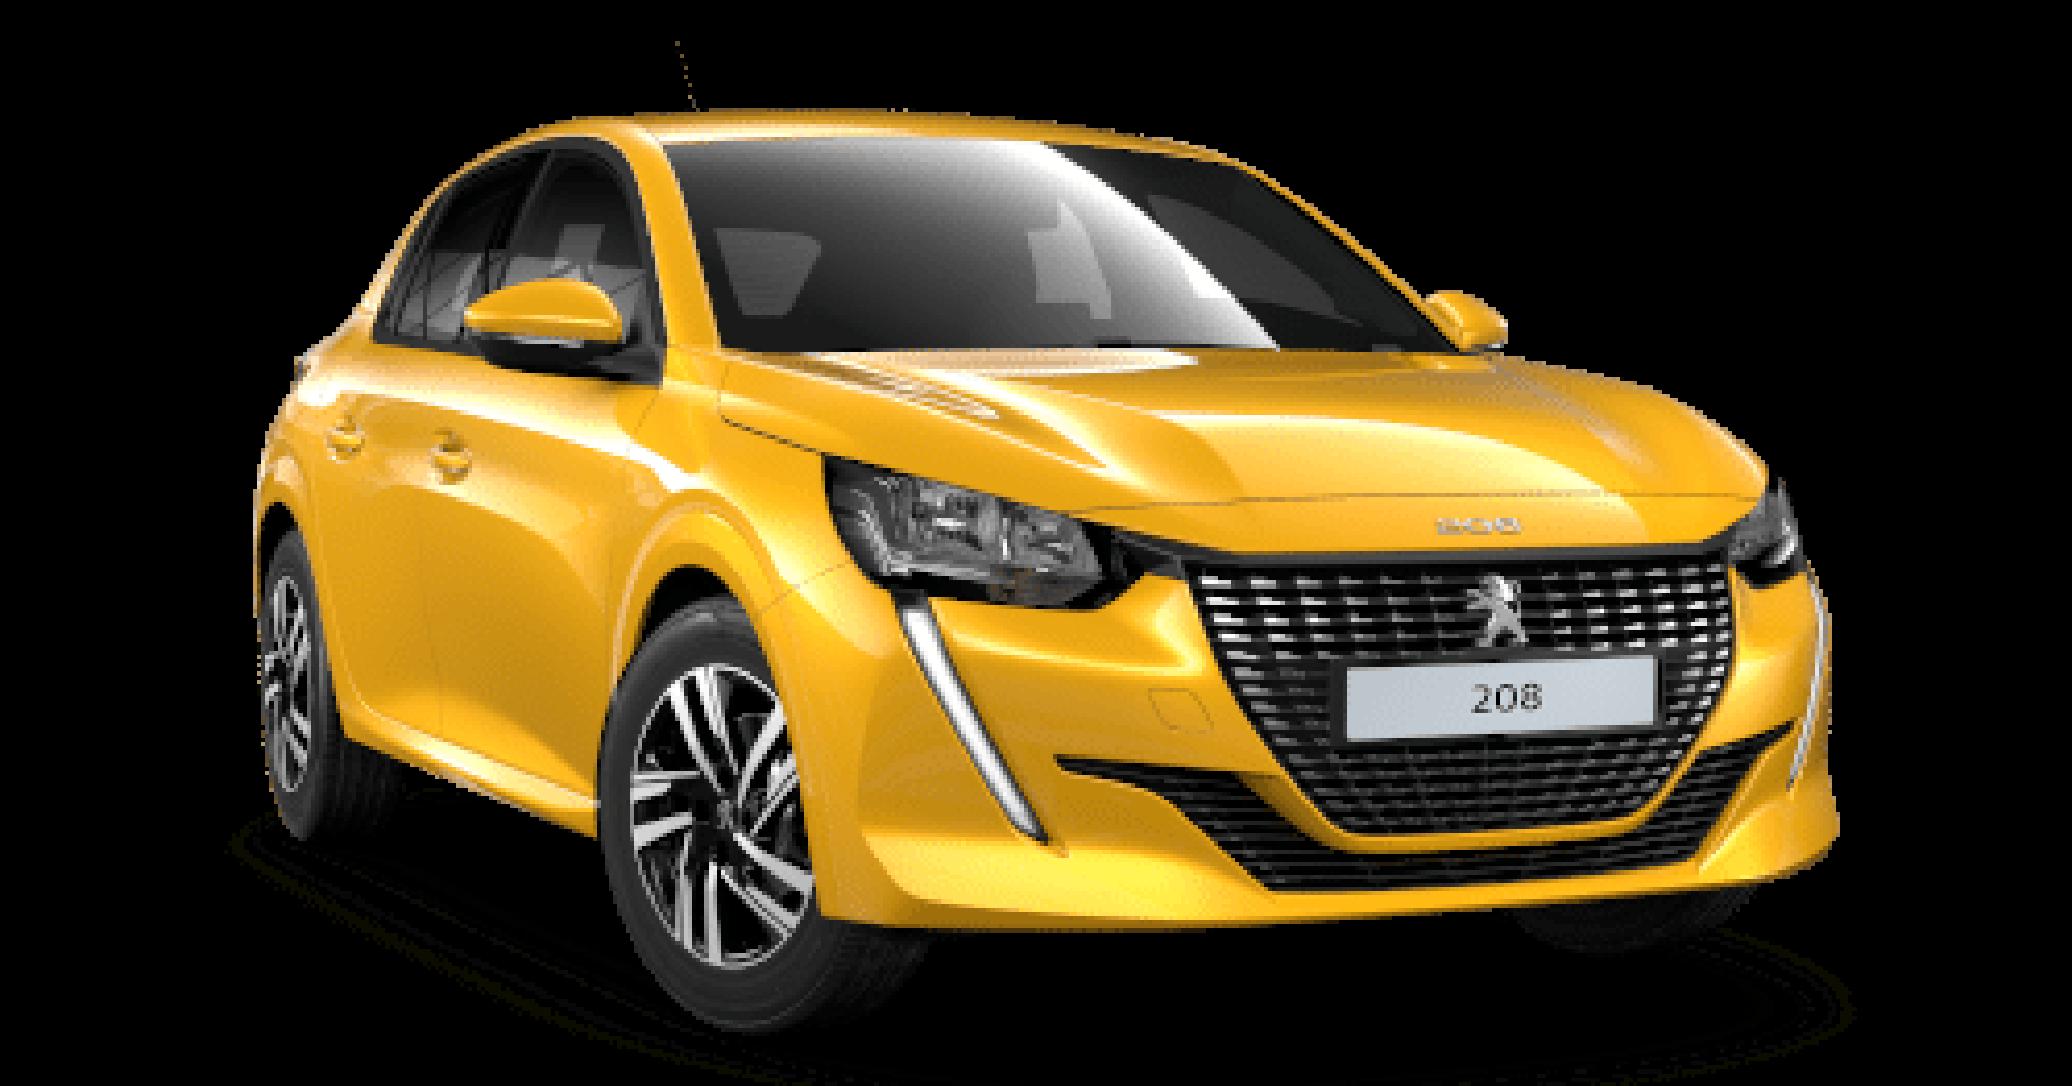 Præsentation af den nye Peugeot 208